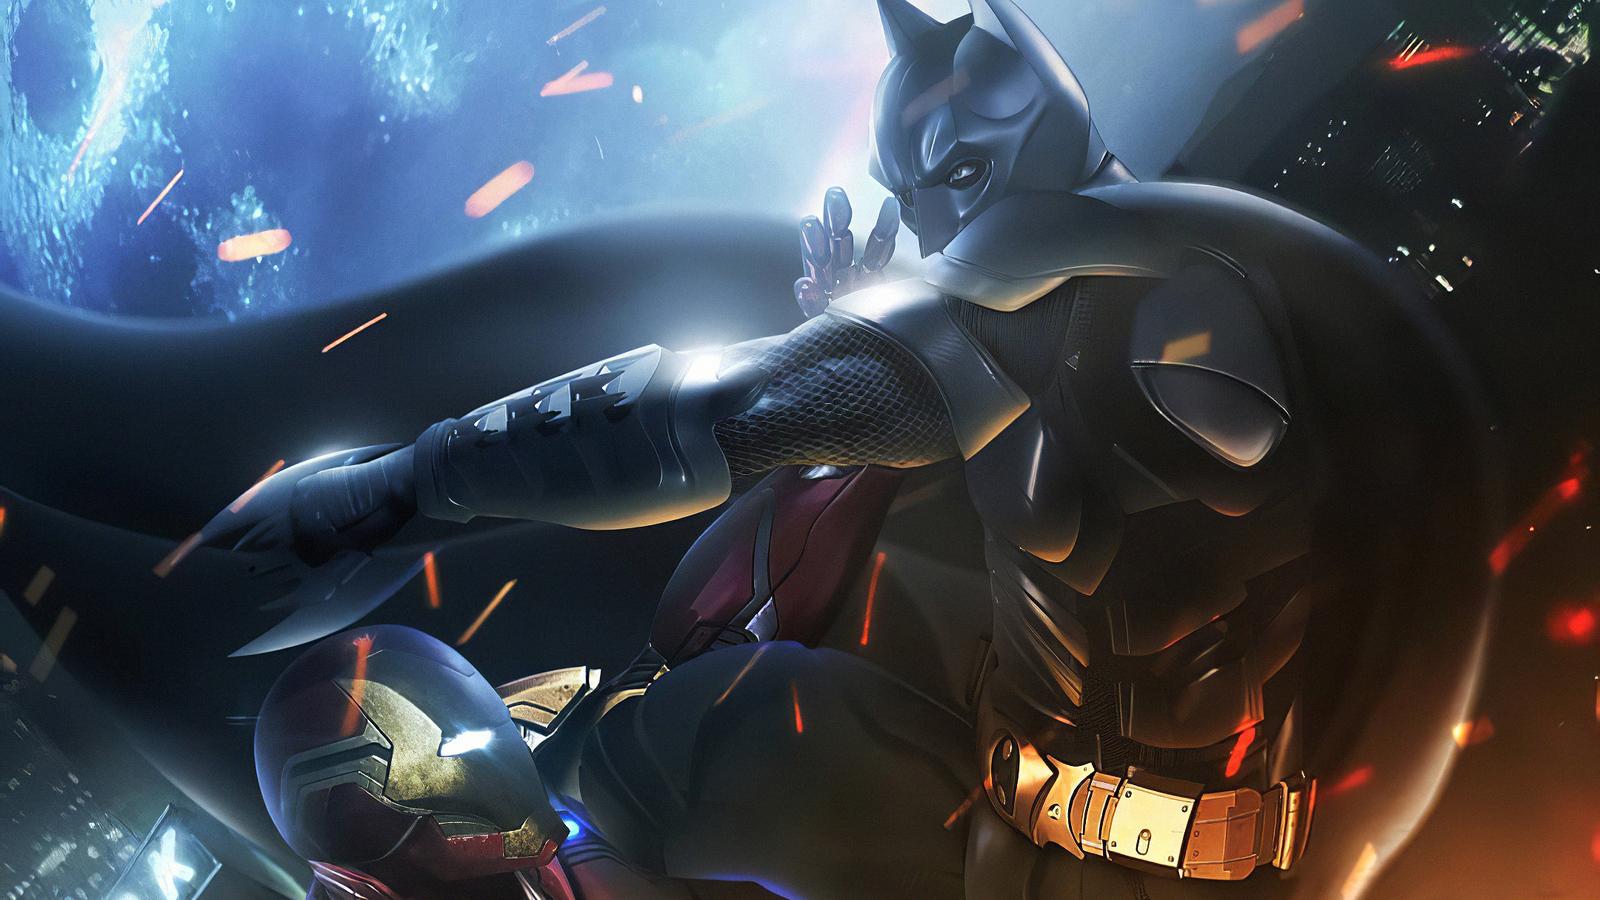 batman-vs-ironman-38.jpg